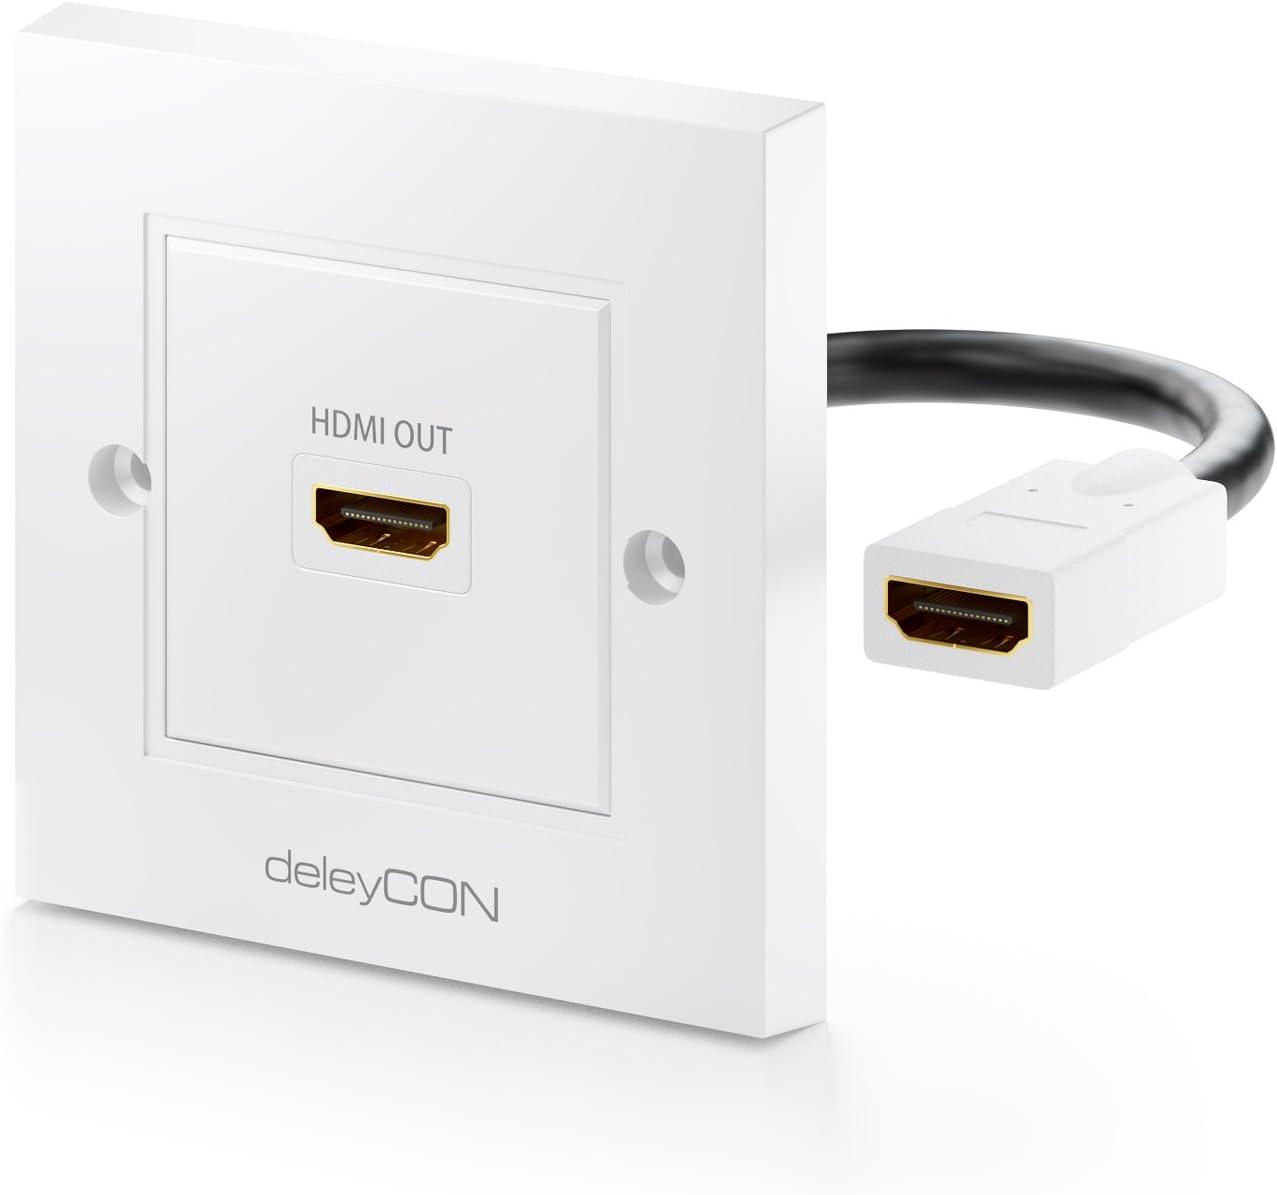 deleyCON Toma de Corriente con 1x Puerto HDMI Montaje Empotrable HDTV HD 3D 4K 2160p Blanco: Amazon.es: Electrónica